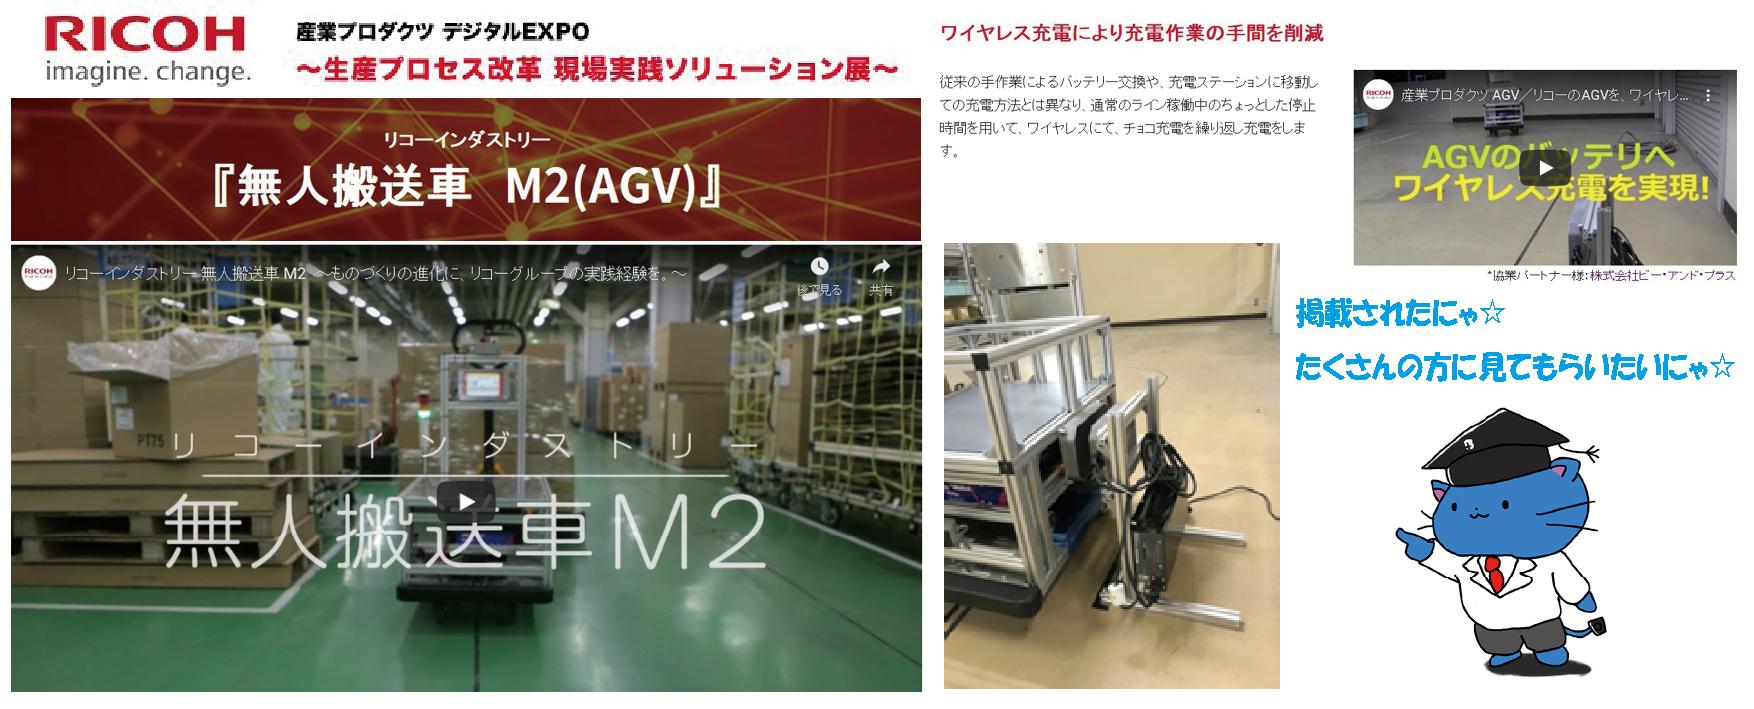 リコージャパン㈱様のWEB展示会(デジタルEXPO)に600Wワイヤレス充電システムを掲載いただきました!